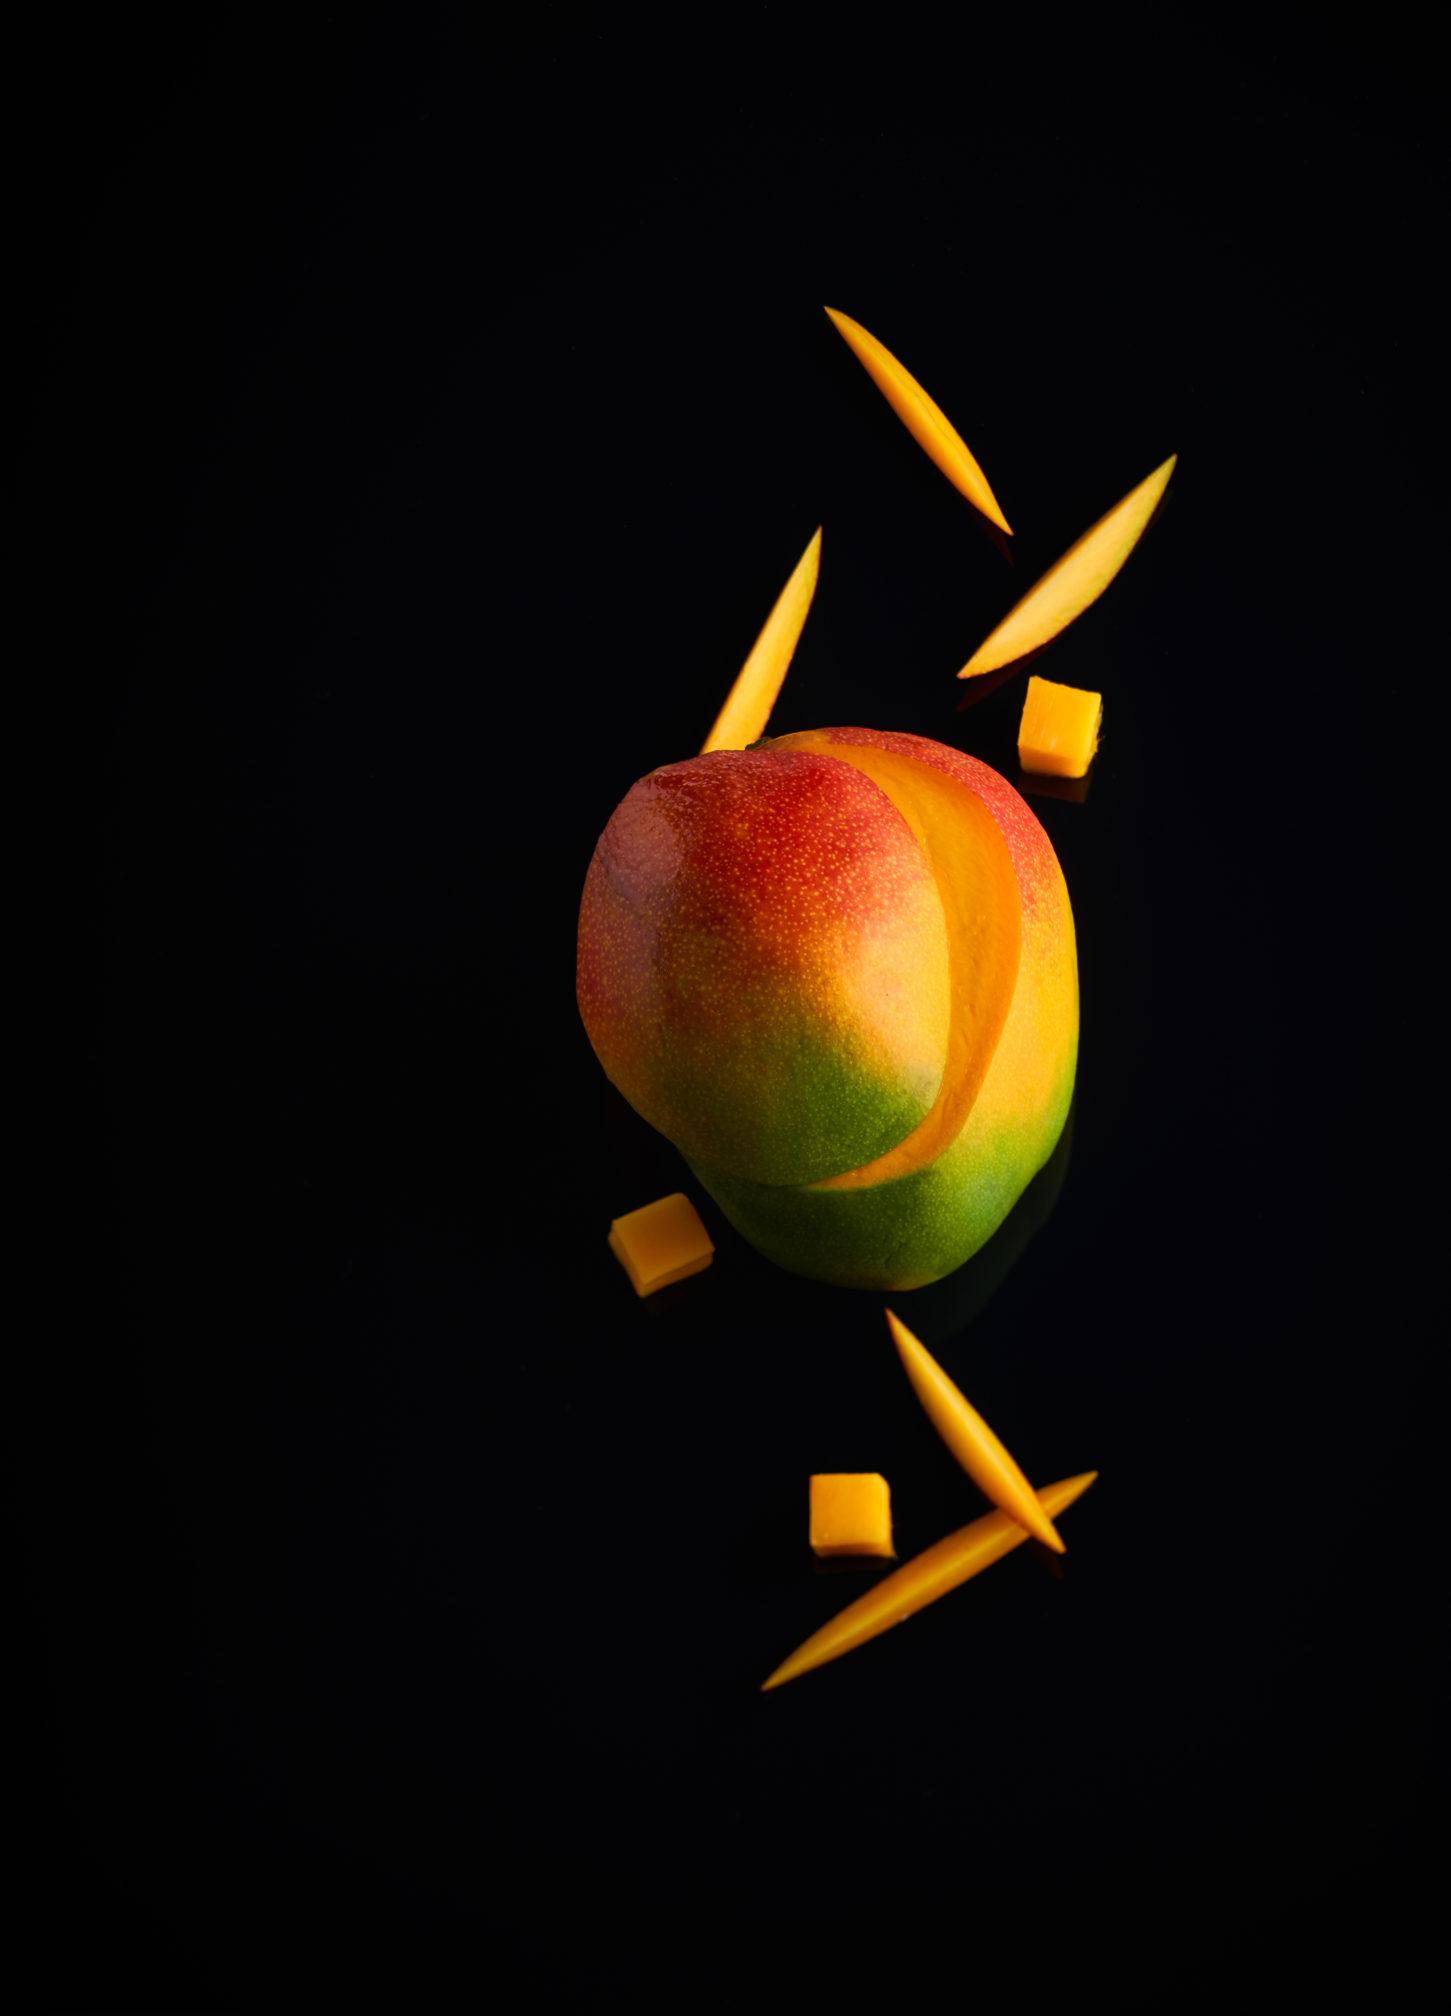 capexo-lilot-fruits-mangue-bresil-perou-cote-d-ivoire-senegal